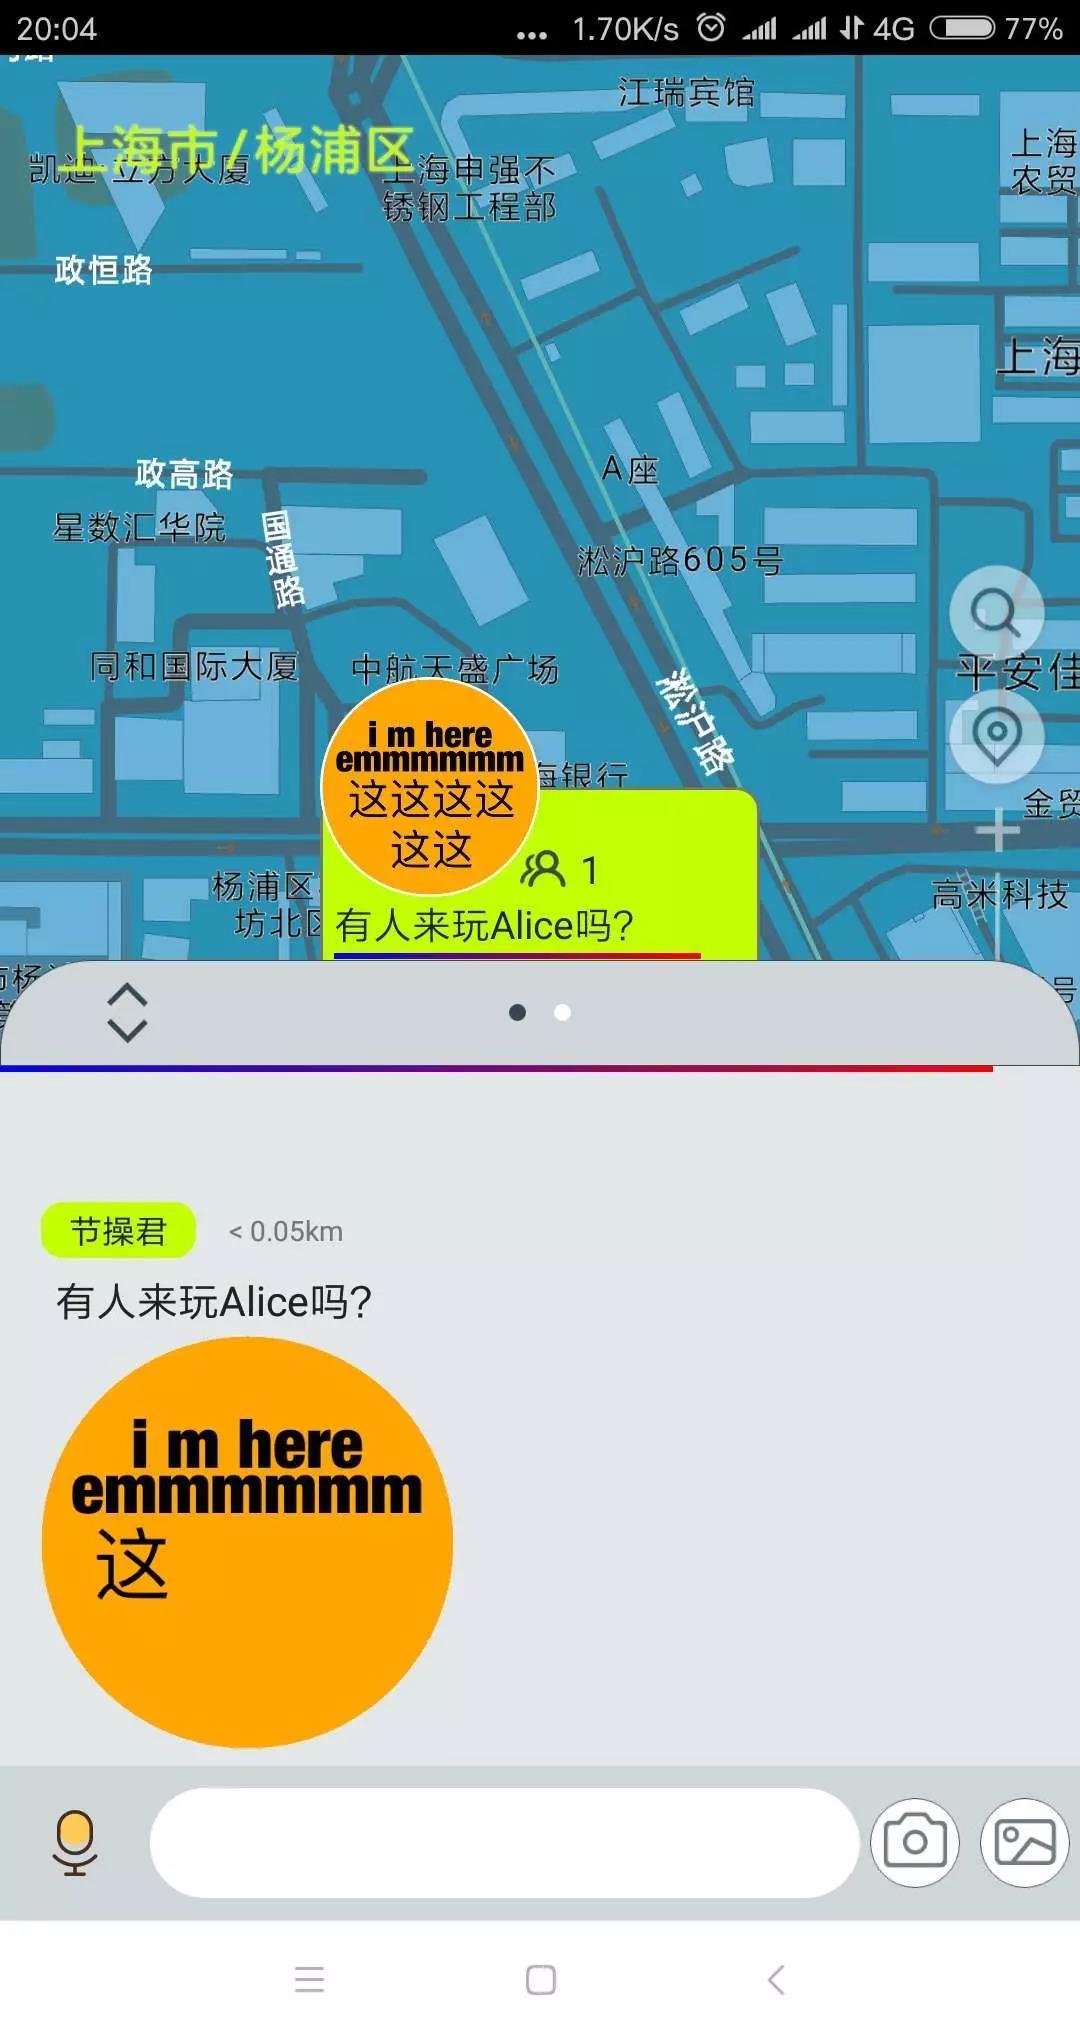 全球华人华同聊天室_一个非常纯粹的基于地理位置的聊天室